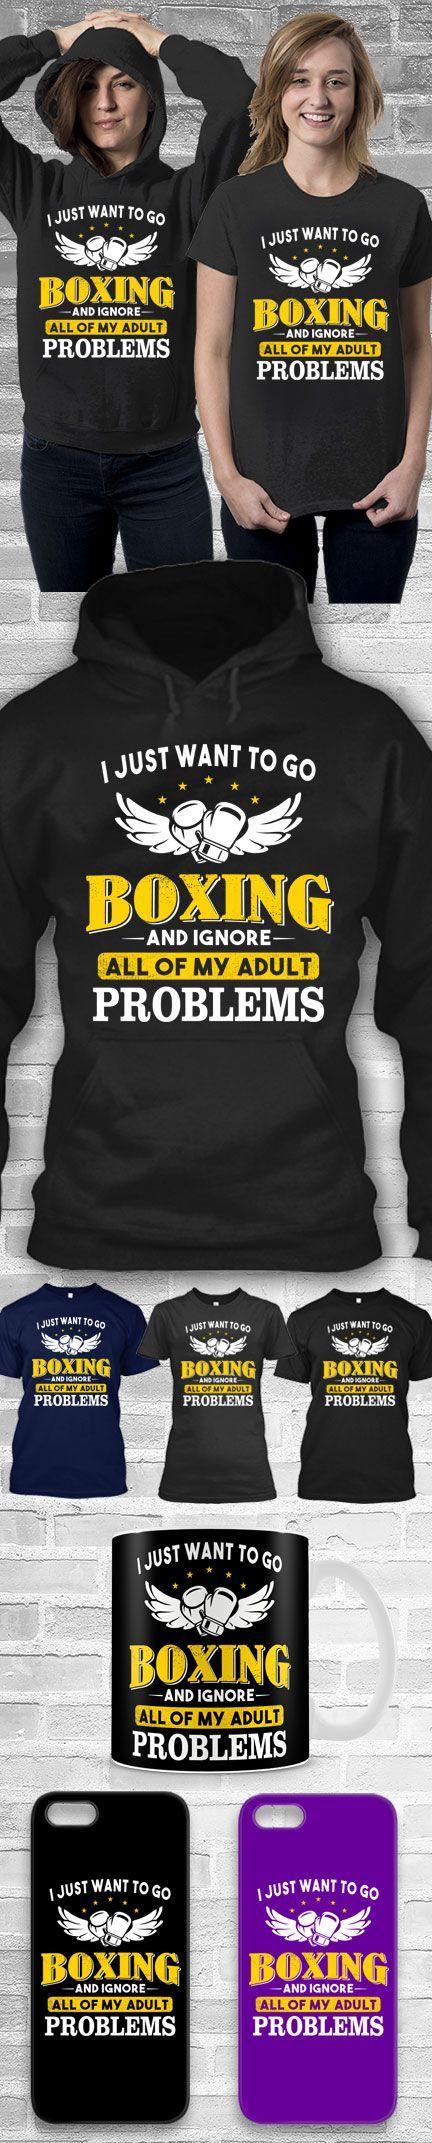 Ich möchte gerade gehen, Hemden zu boxen! Klicken Sie auf das Bild, um es jetzt zu kaufen, oder markieren Sie jemanden, für den Sie dies kaufen möchten. #Boxen